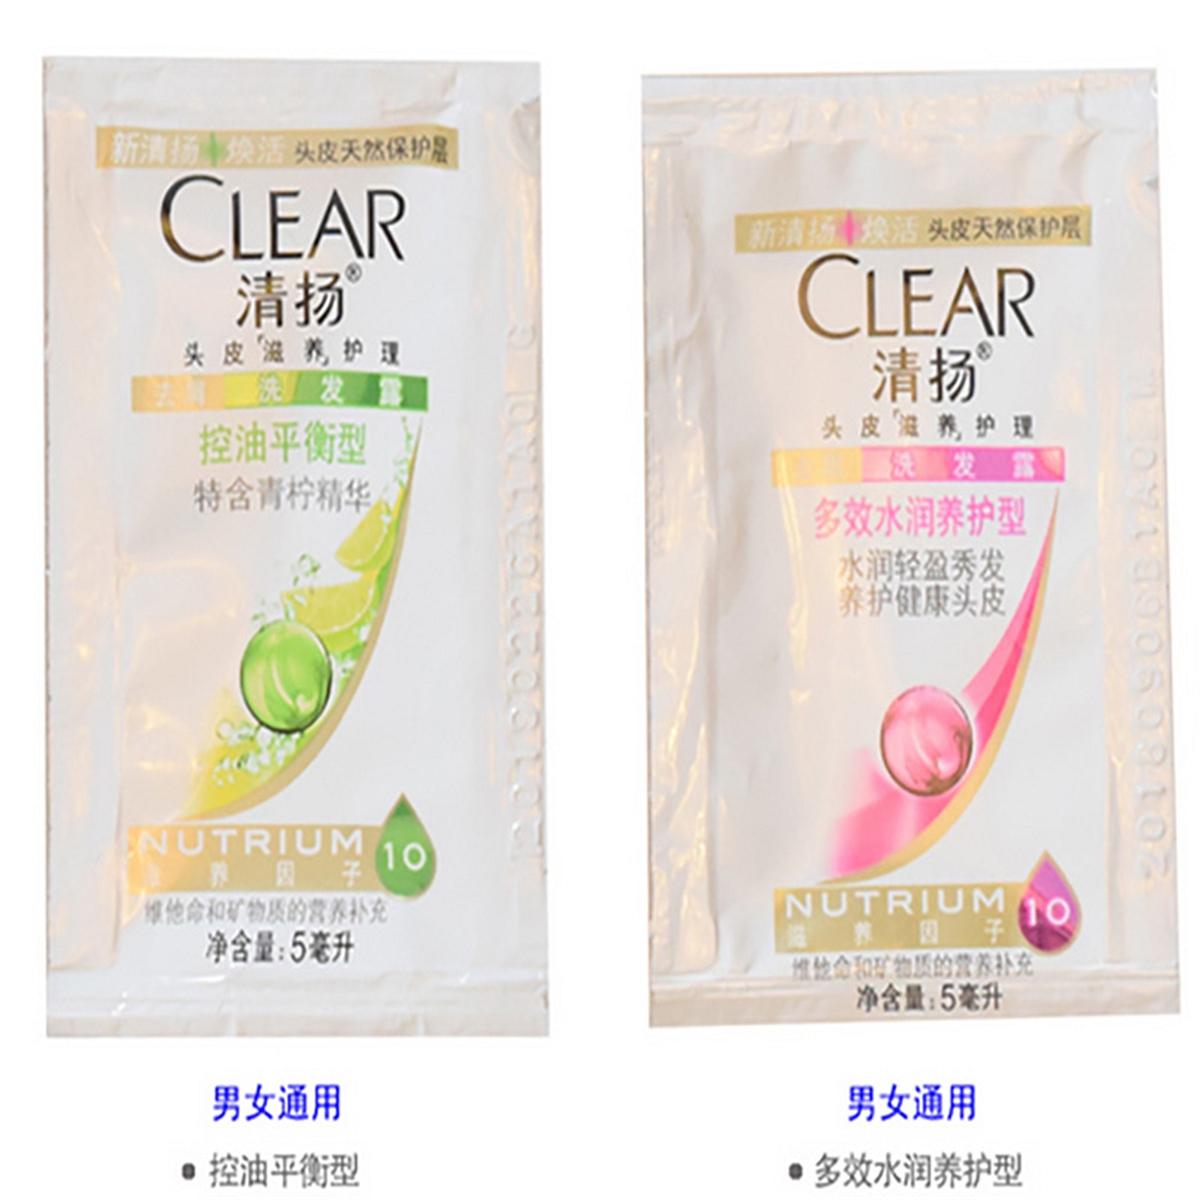 清扬 5ml 去屑洗发露控油平衡型白袋 洗发护发 (单位:袋)